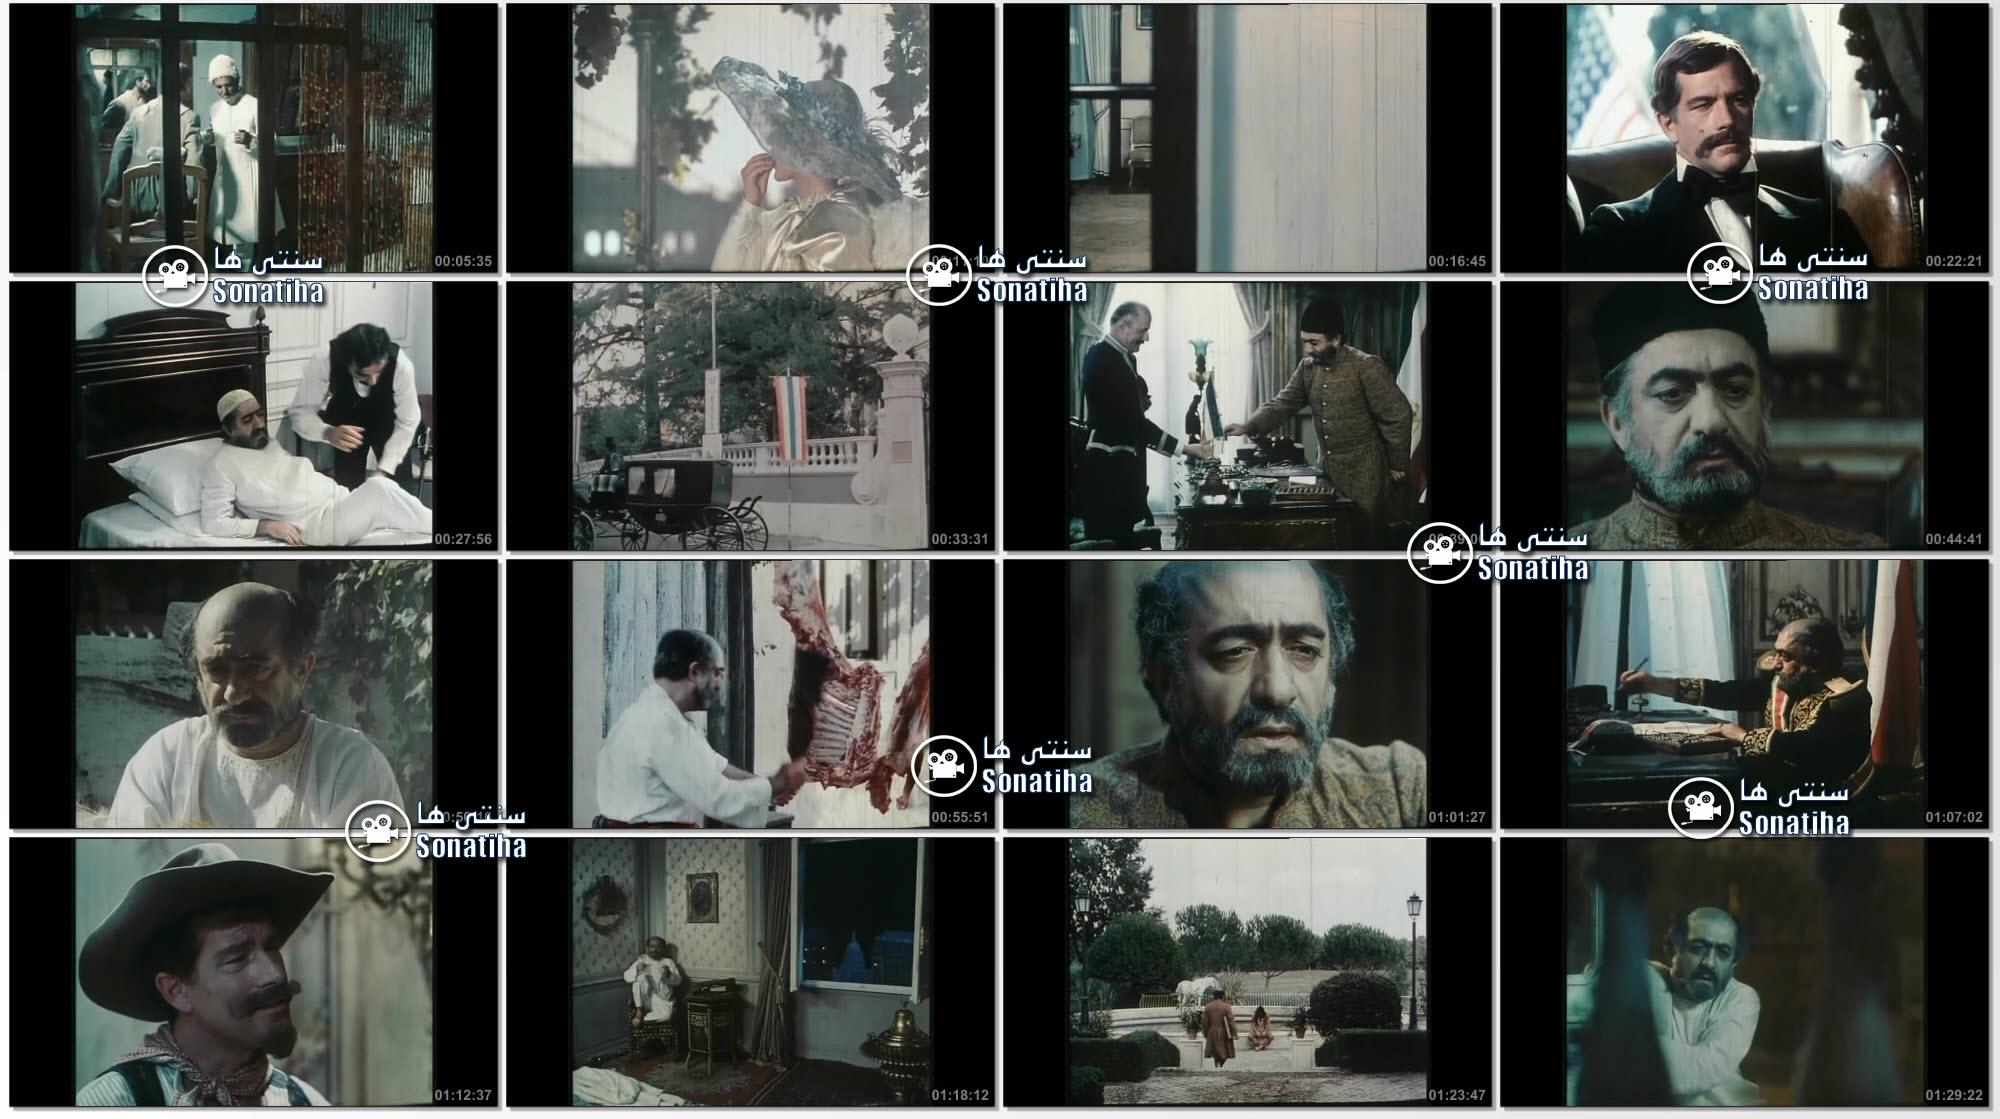 تصاویری از فیلم حاجی واشنگتن